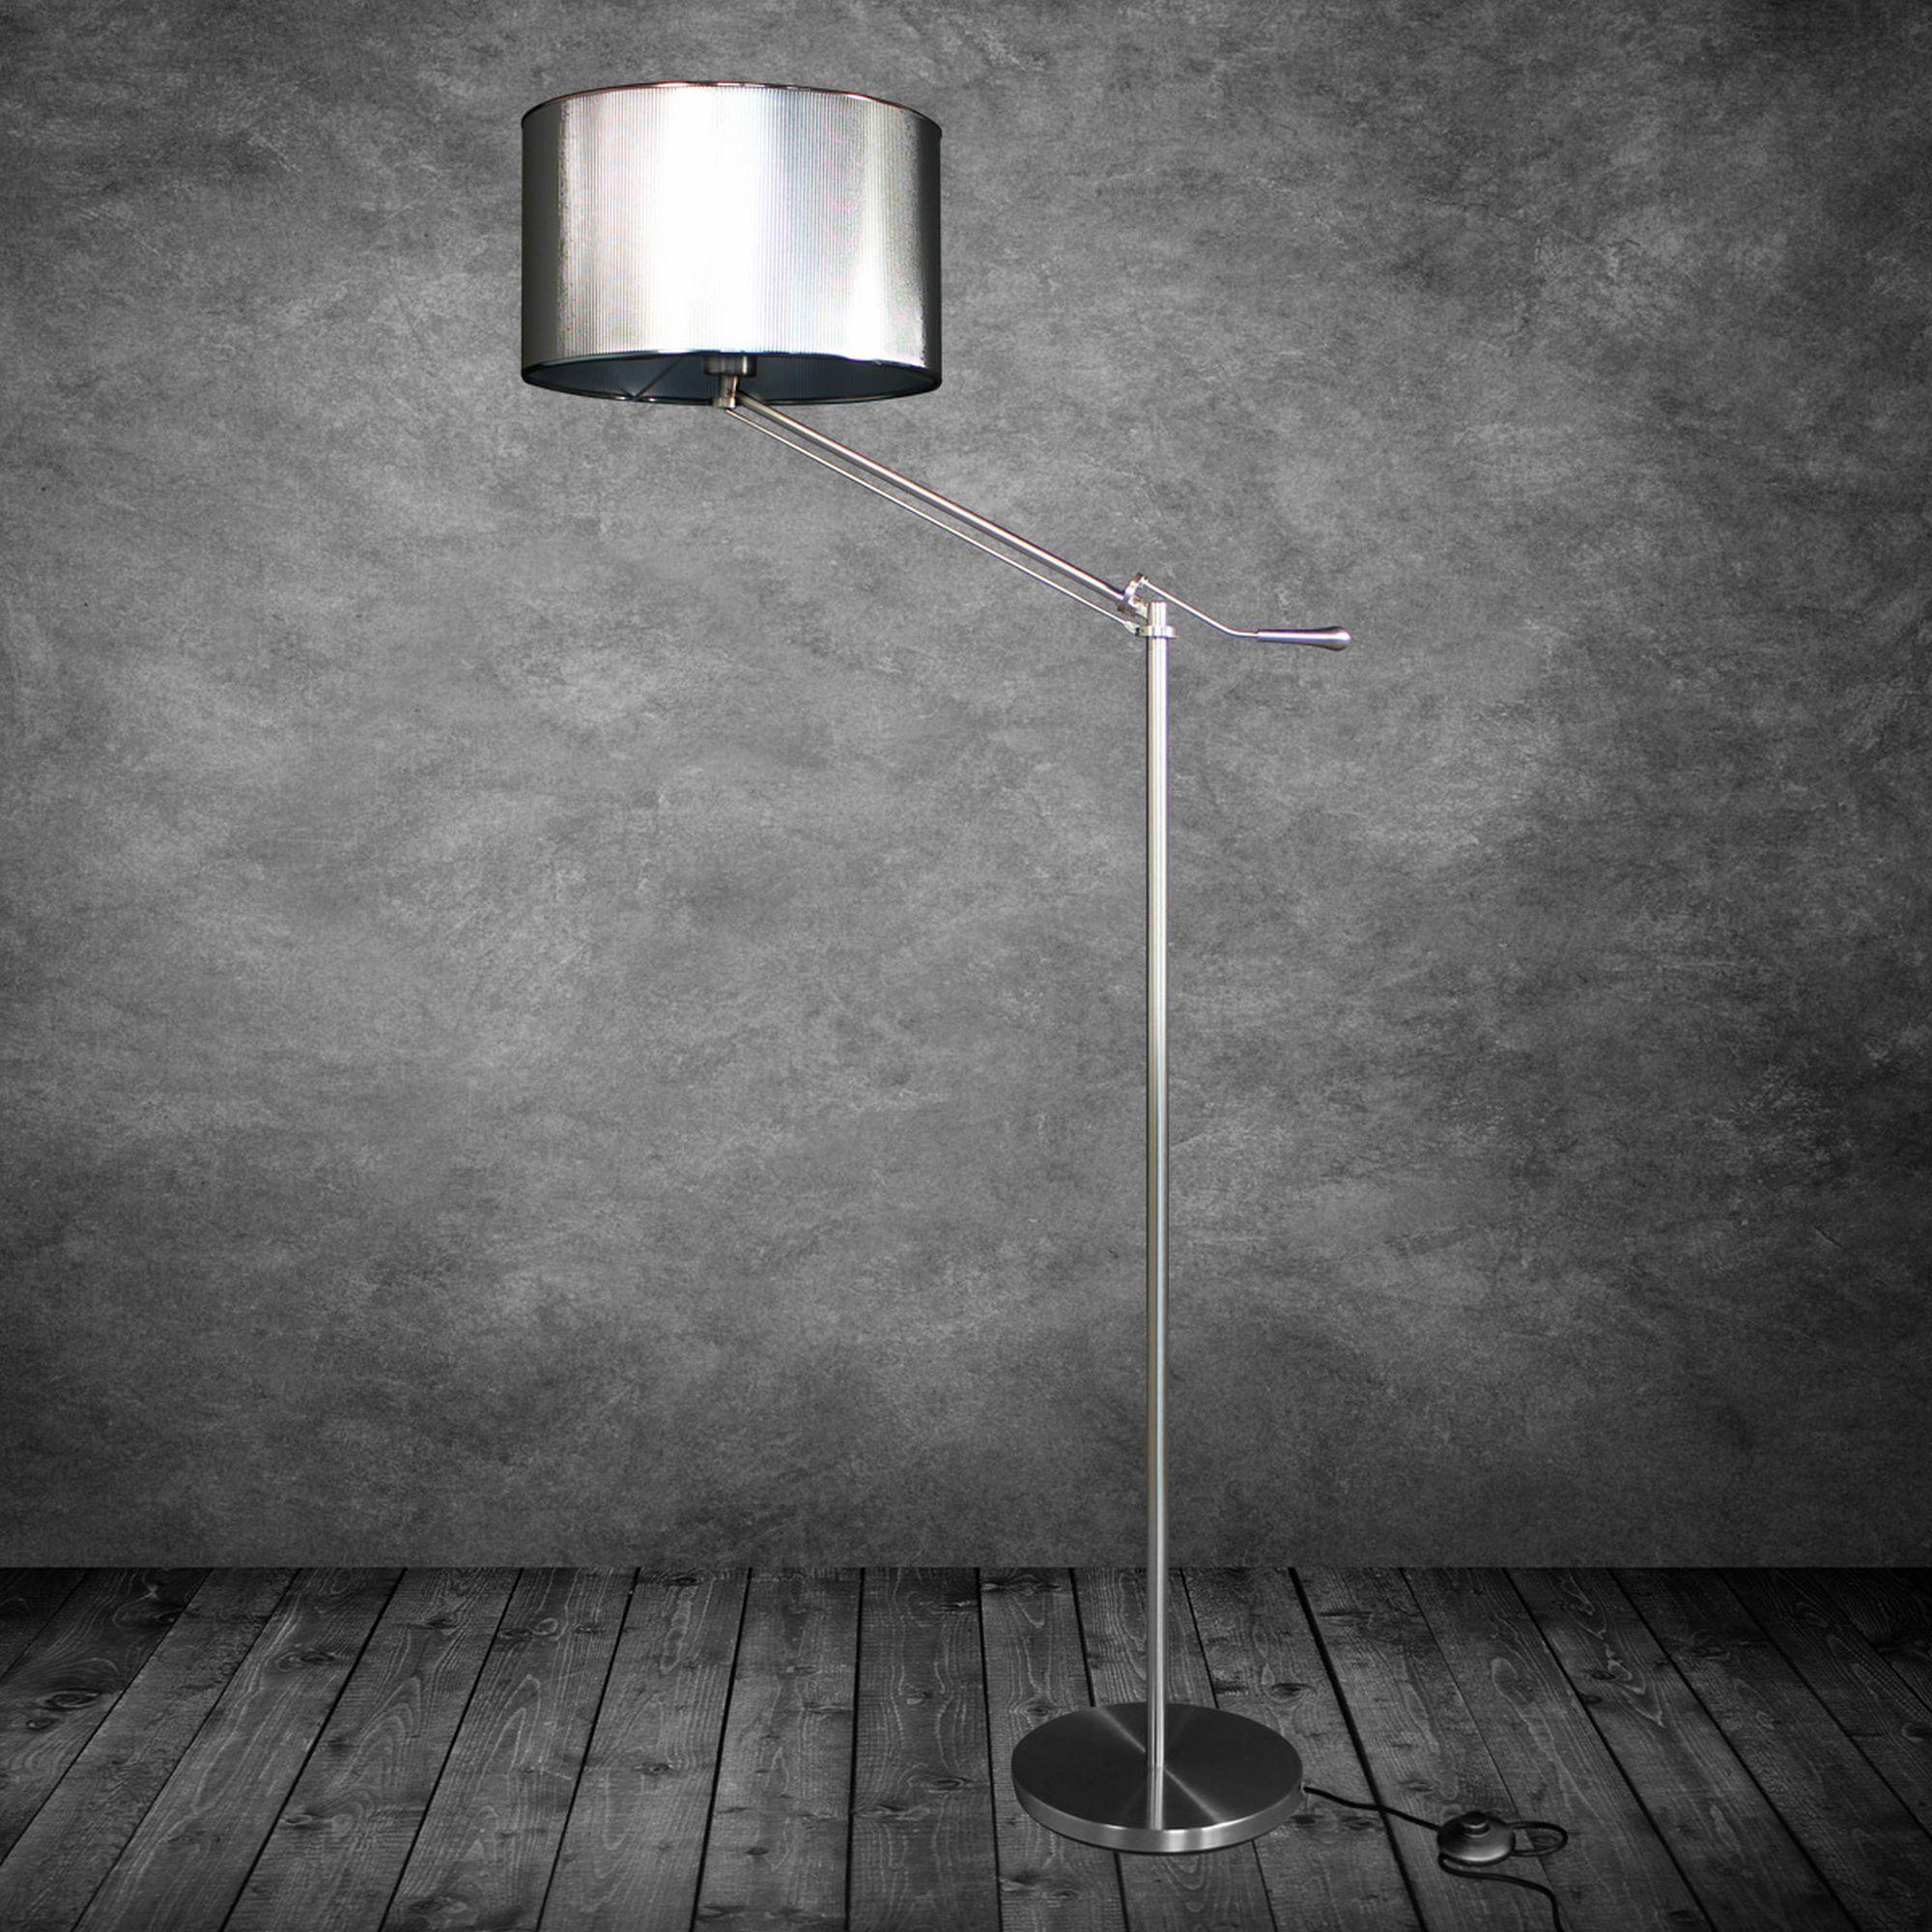 Full Size of Luxpro Moderne Stehleuchte Stehlampe Lampe Wohnzimmer Leuchte Hängelampe Decken Wandtattoos Led Deckenleuchte Fototapeten Teppich Rollo Gardinen Für Vitrine Wohnzimmer Moderne Stehlampe Wohnzimmer